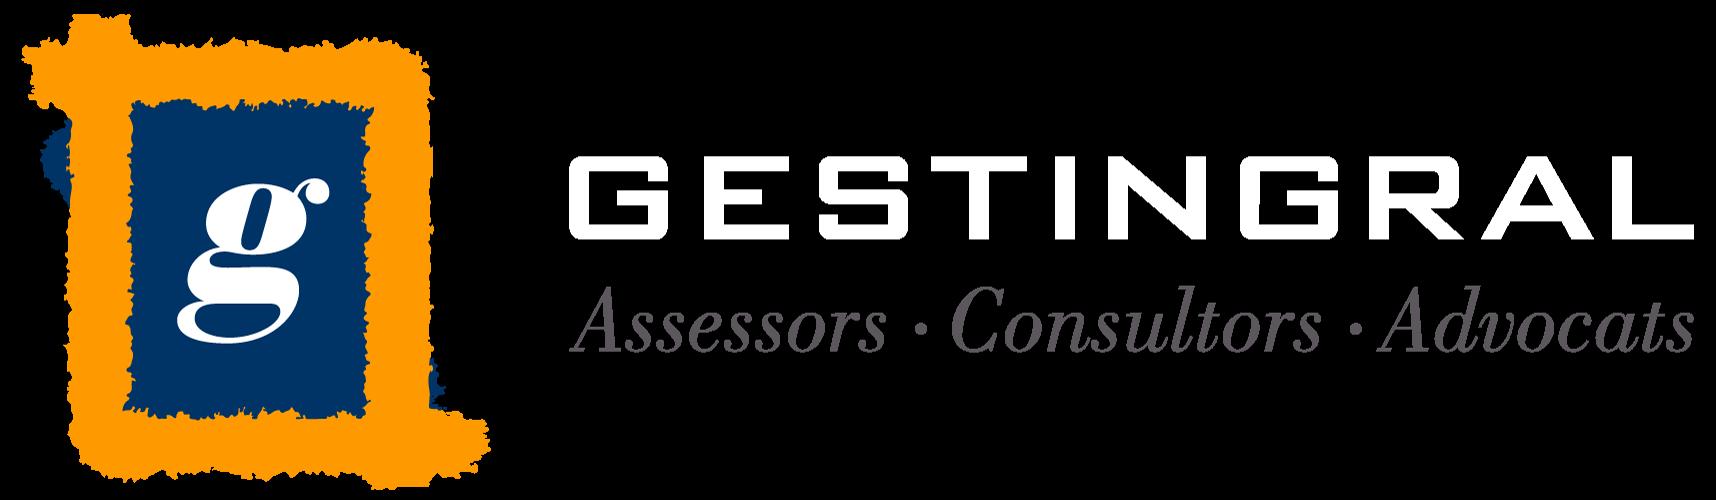 Gestoria Assessoria Gestingral. Logo